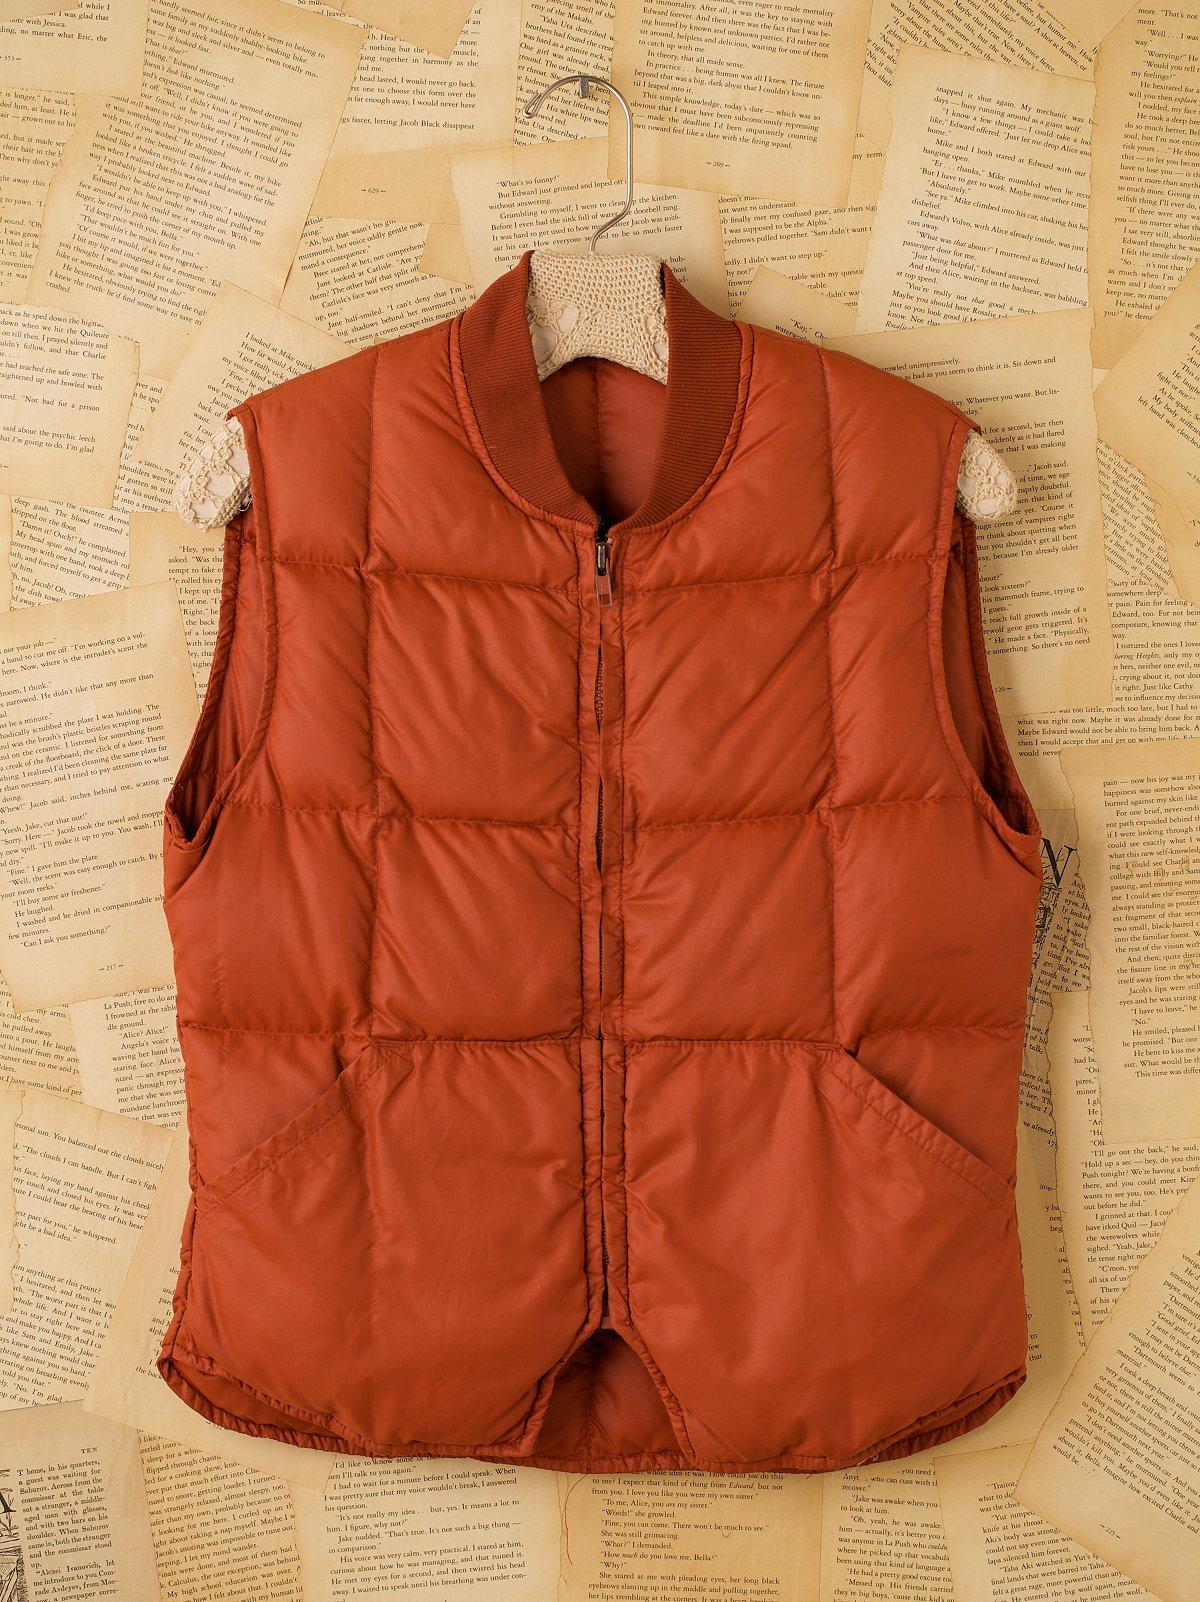 Vintage Orange Quilted Vest